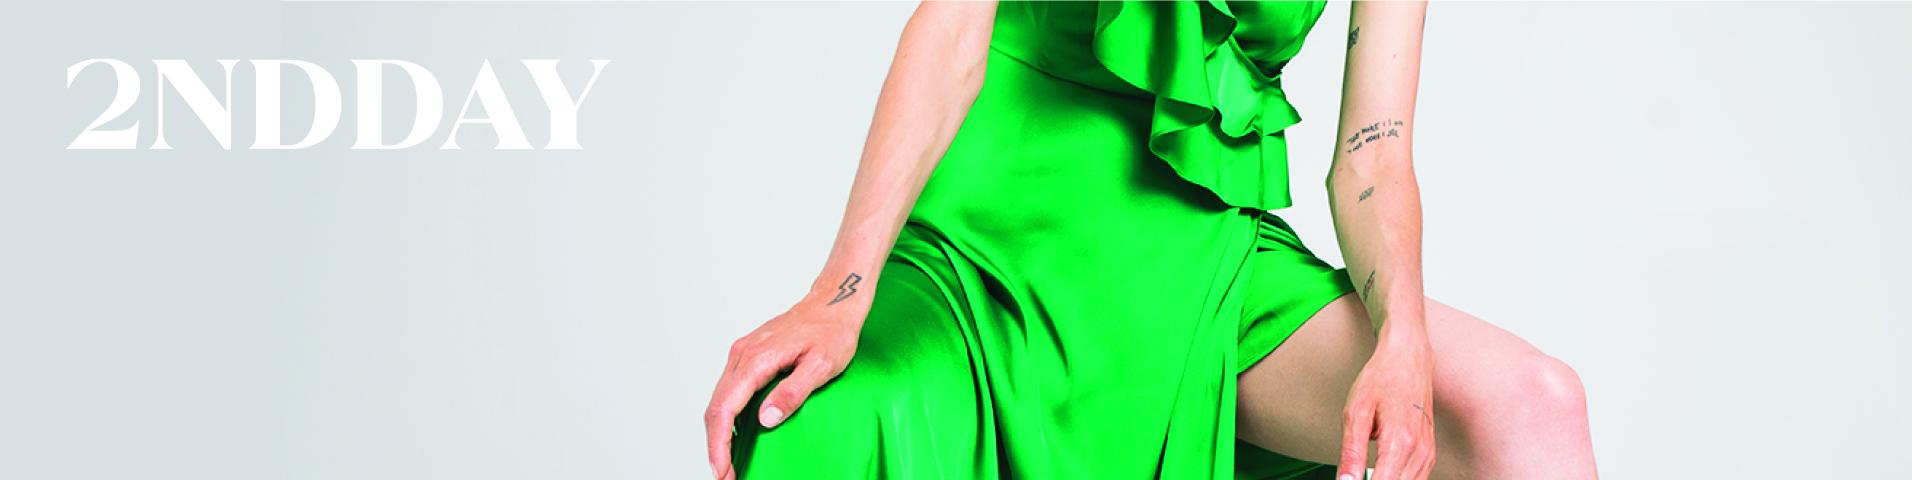 1b183e5a0809d1 2nd Day Kleider online kaufen | Entdecke dein neues Kleid bei ZALANDO